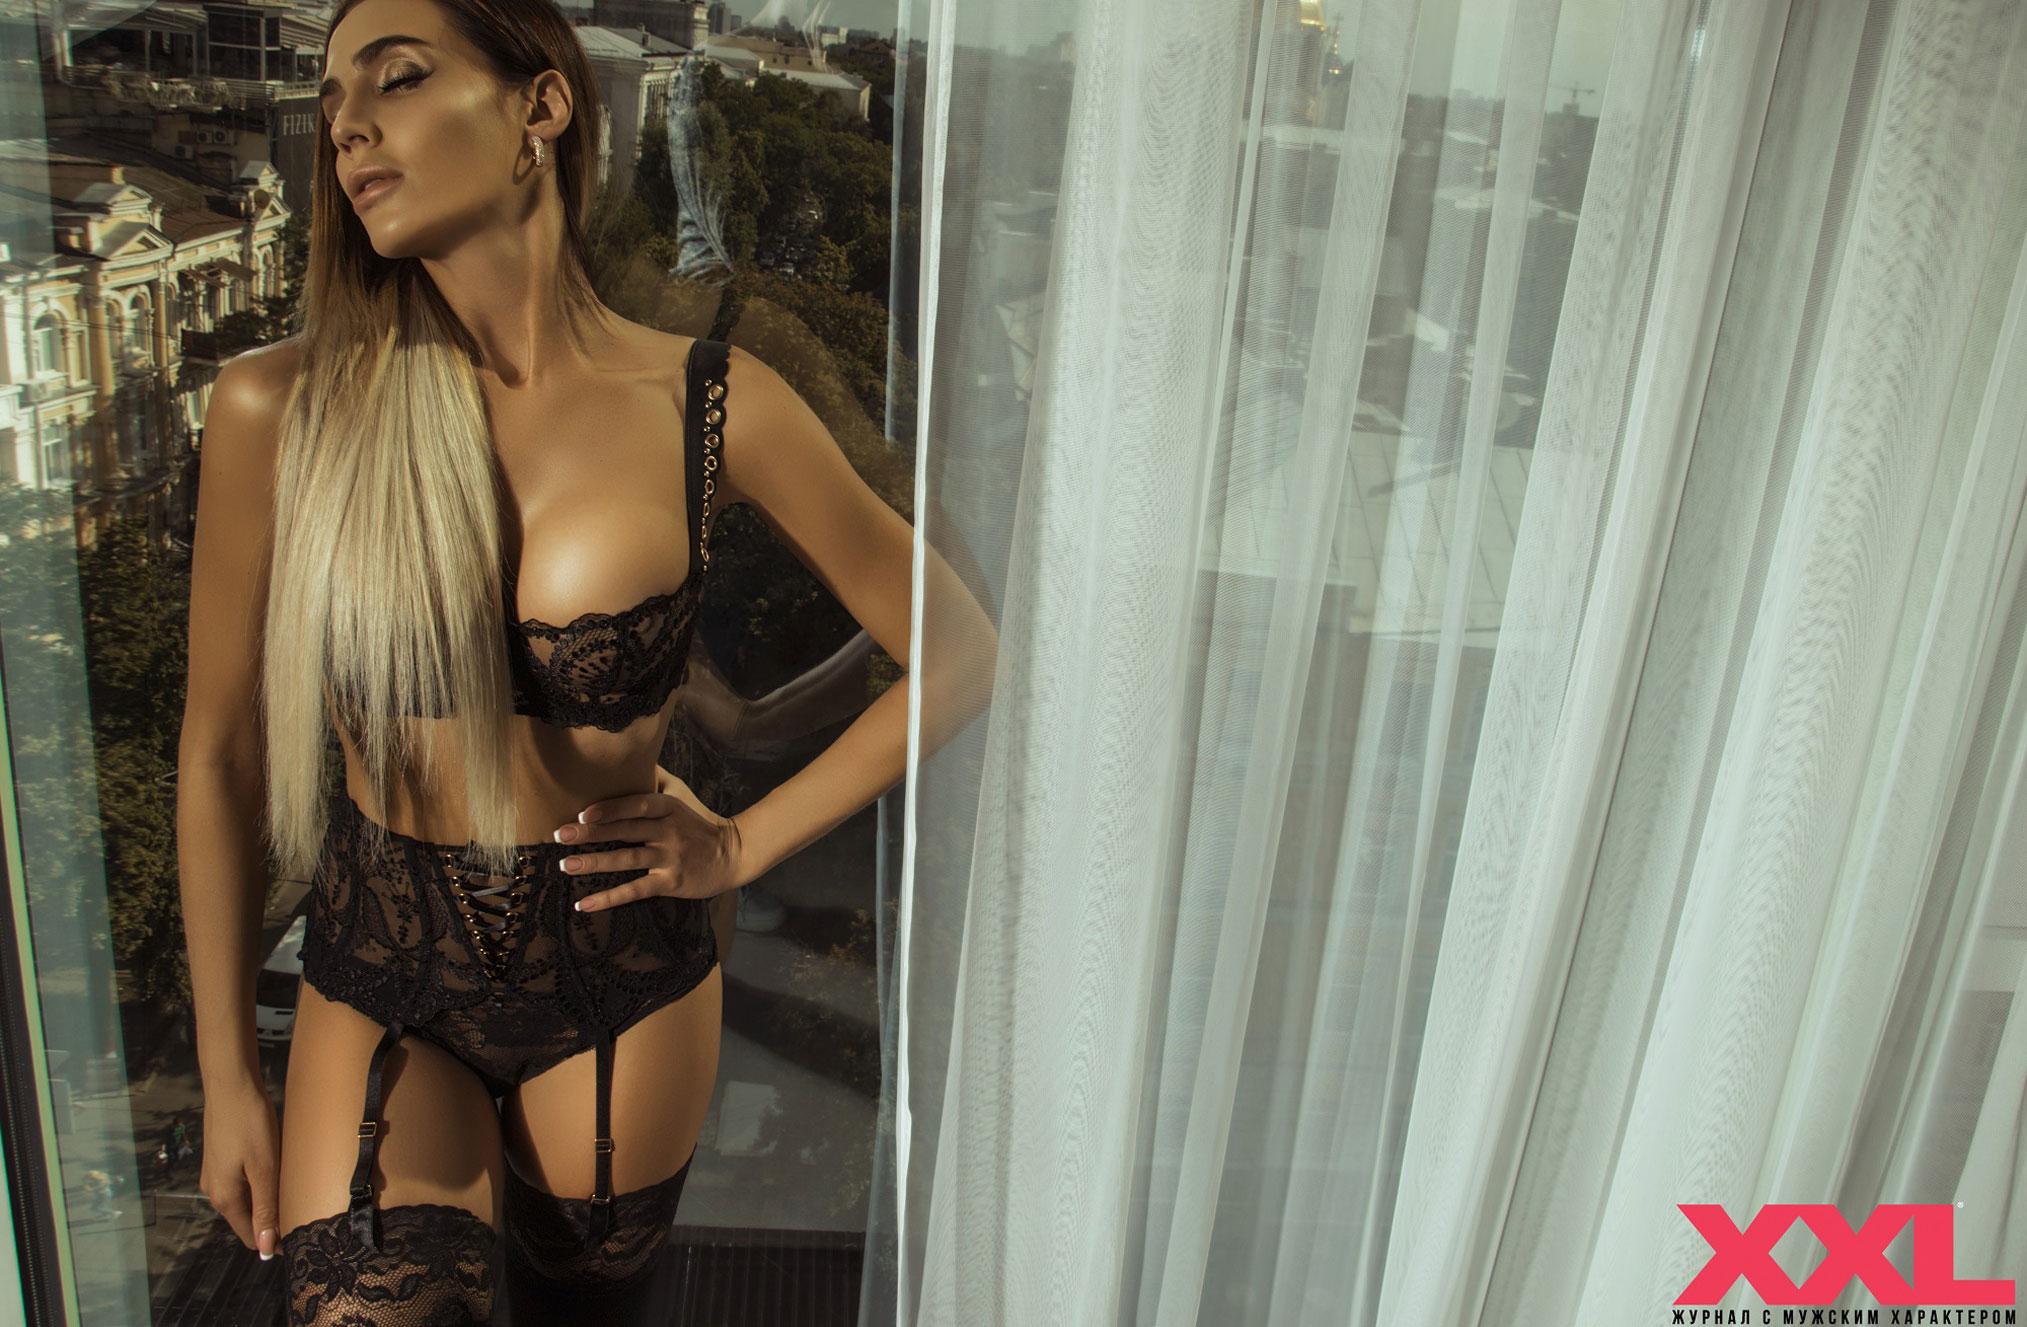 Актриса, модель и телеведущая Эмма Ди в нижнем белье в мужском журнале XXL / фото 01